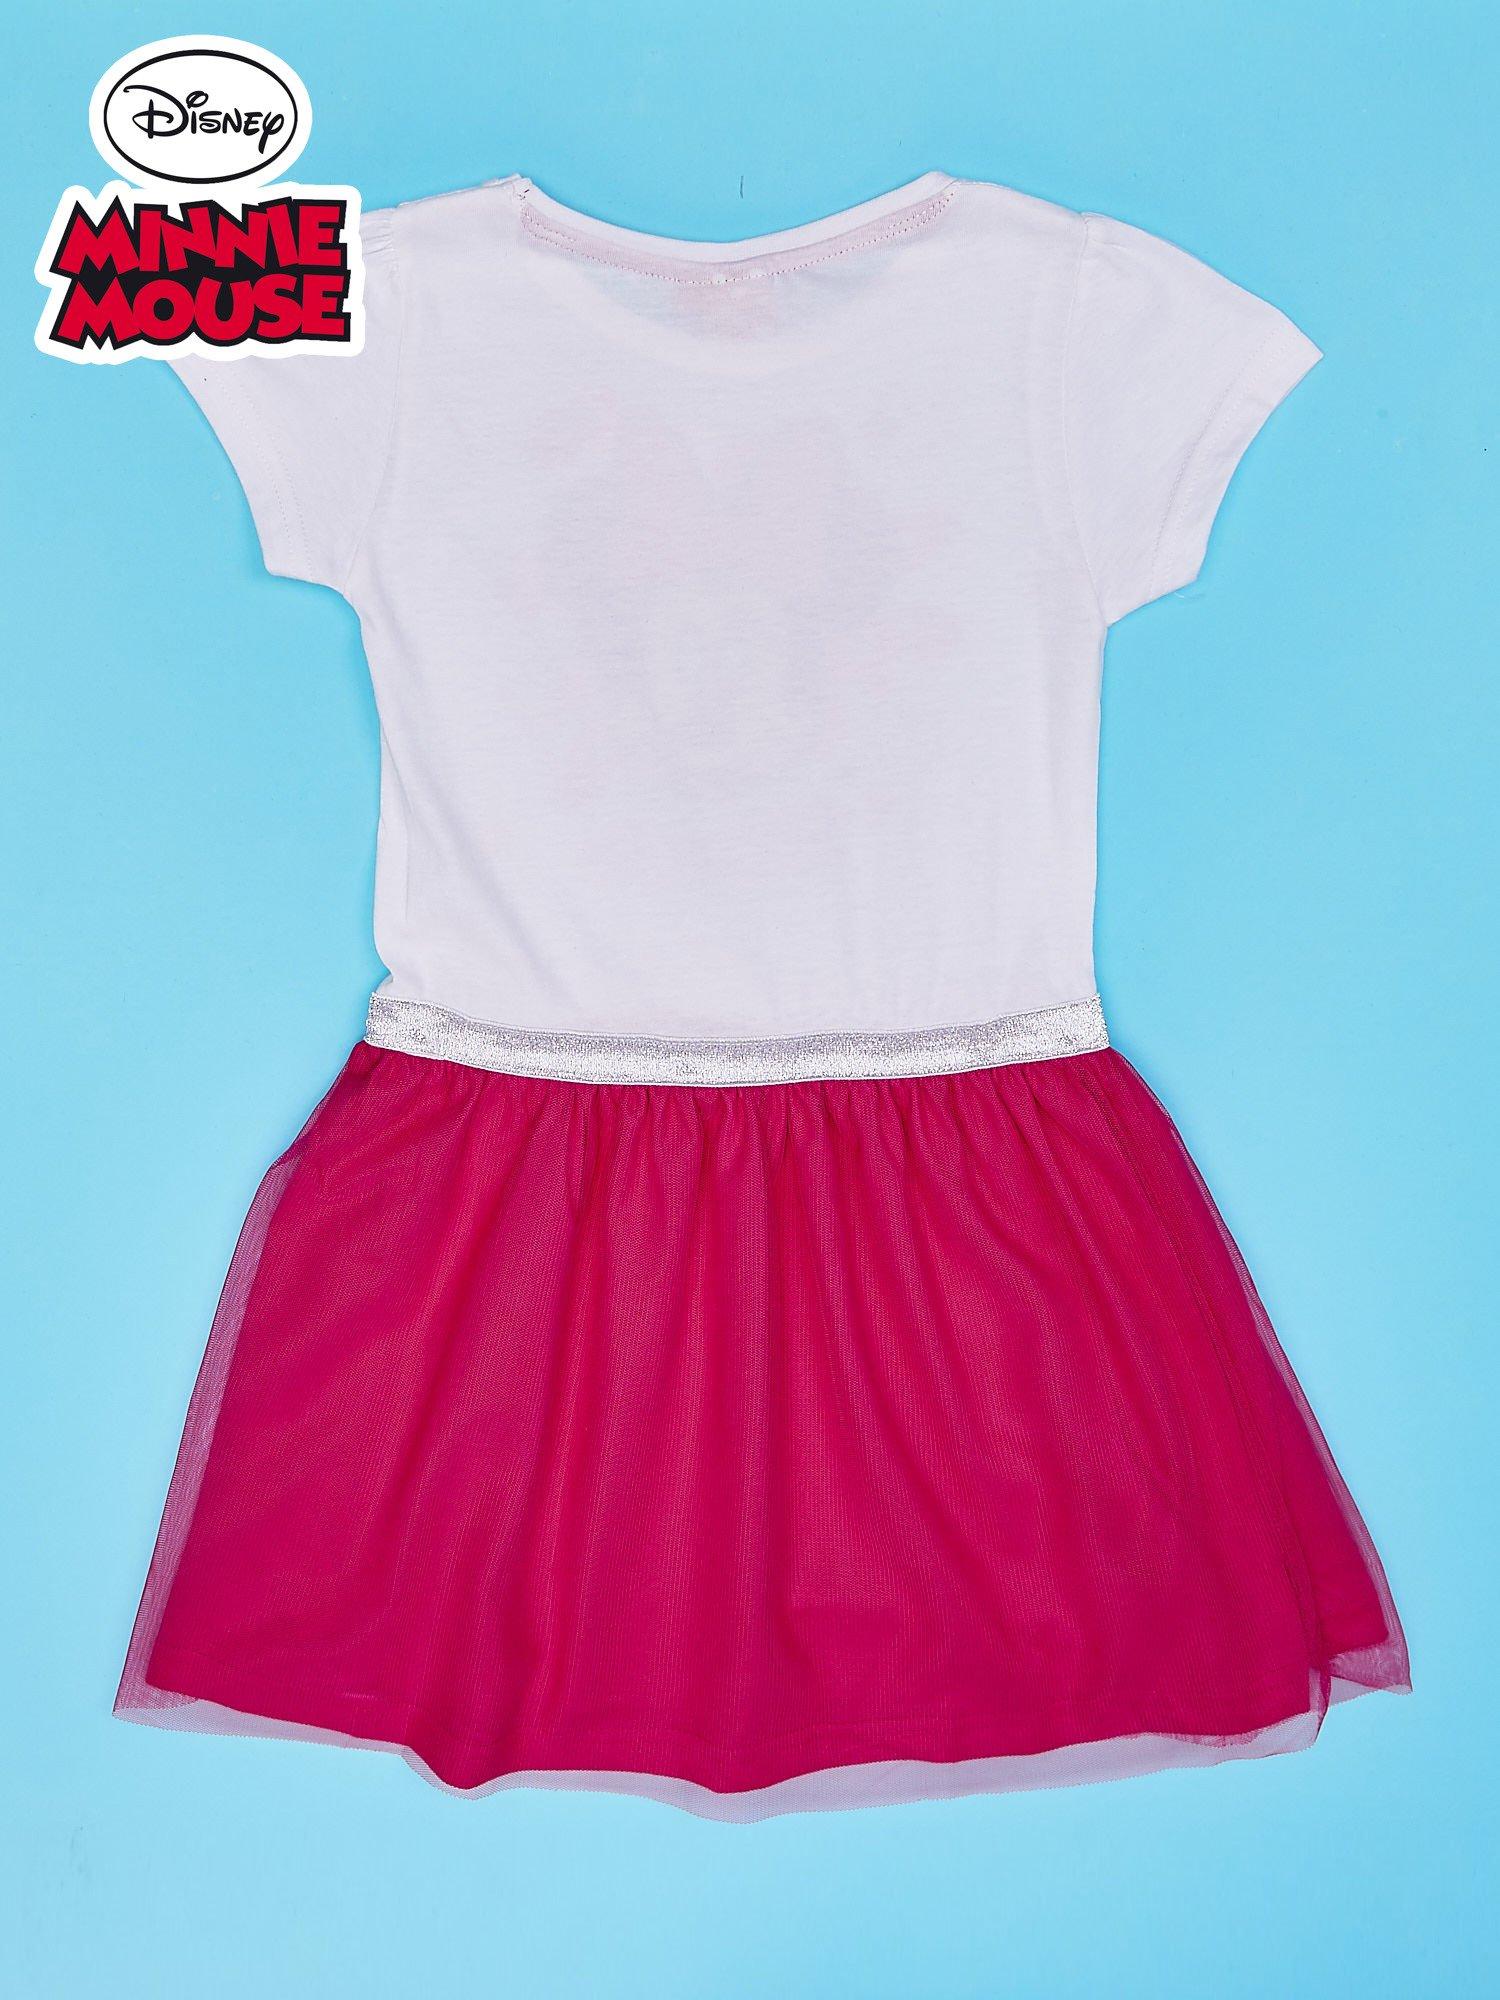 Różowa sukienka bez rękawów dla dziewczynki MINNIE MOUSE                                  zdj.                                  2